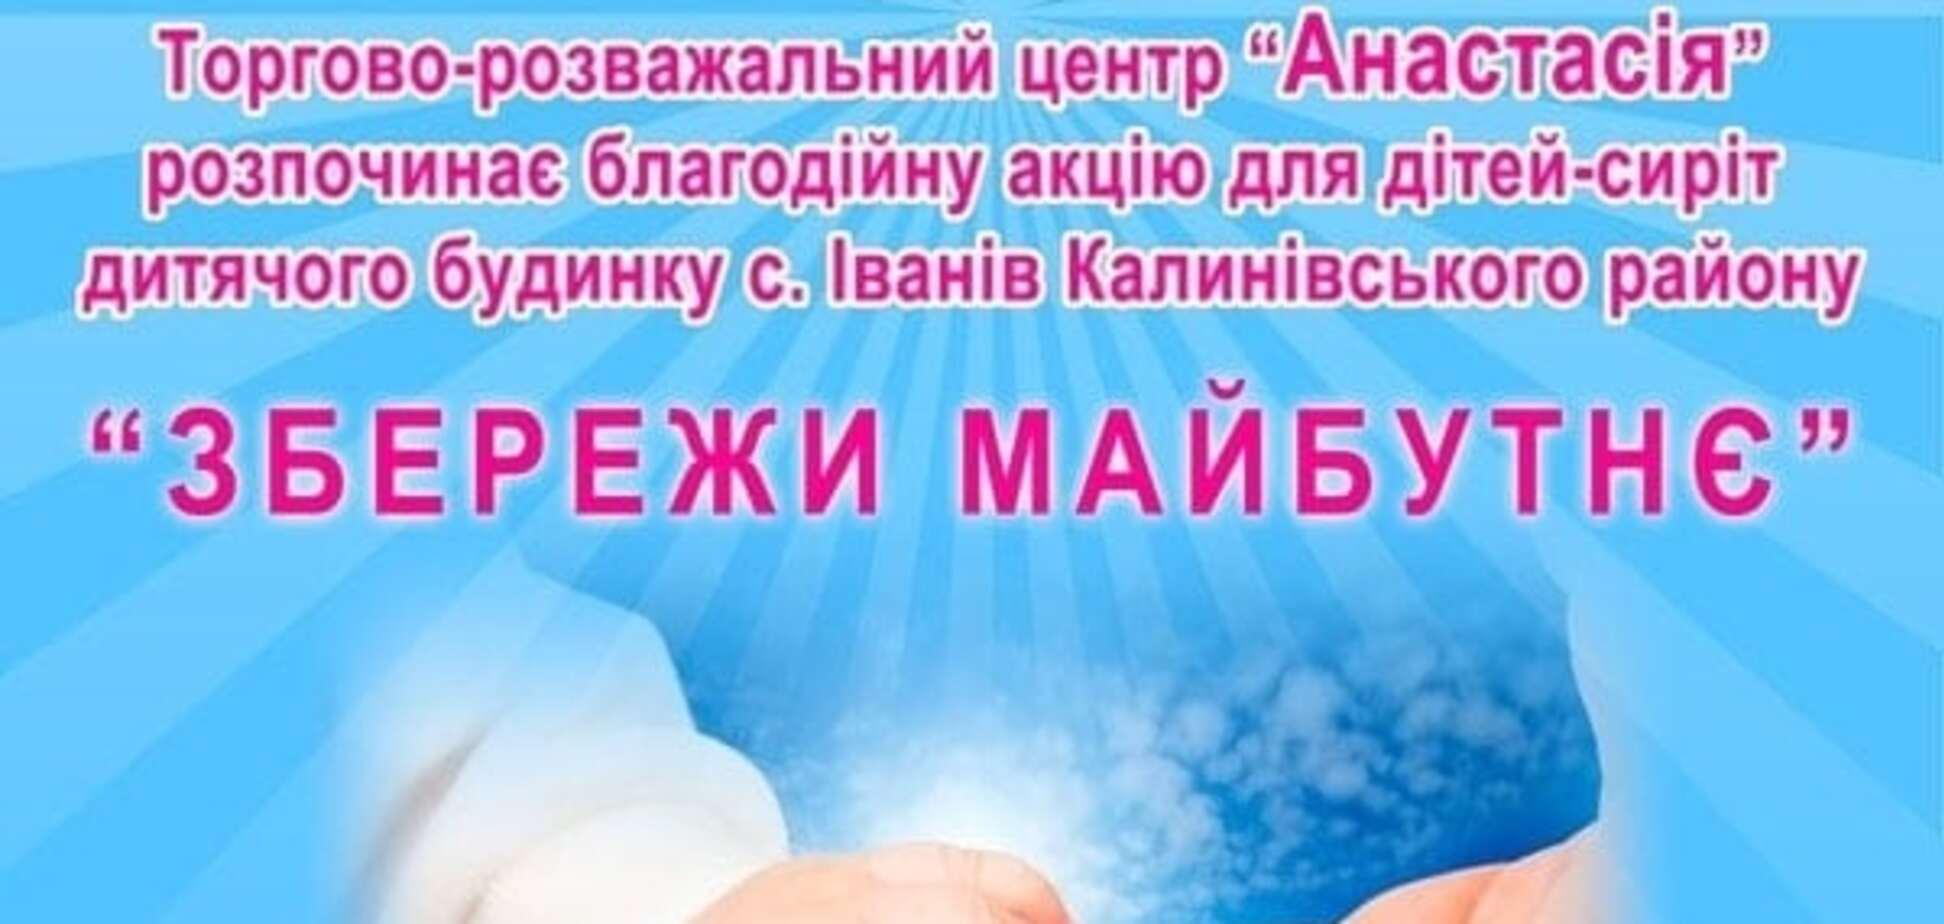 """Благотворительная акция """"ЗБЕРЕЖИ МАЙБУТНЄ"""" (г. Винница)"""